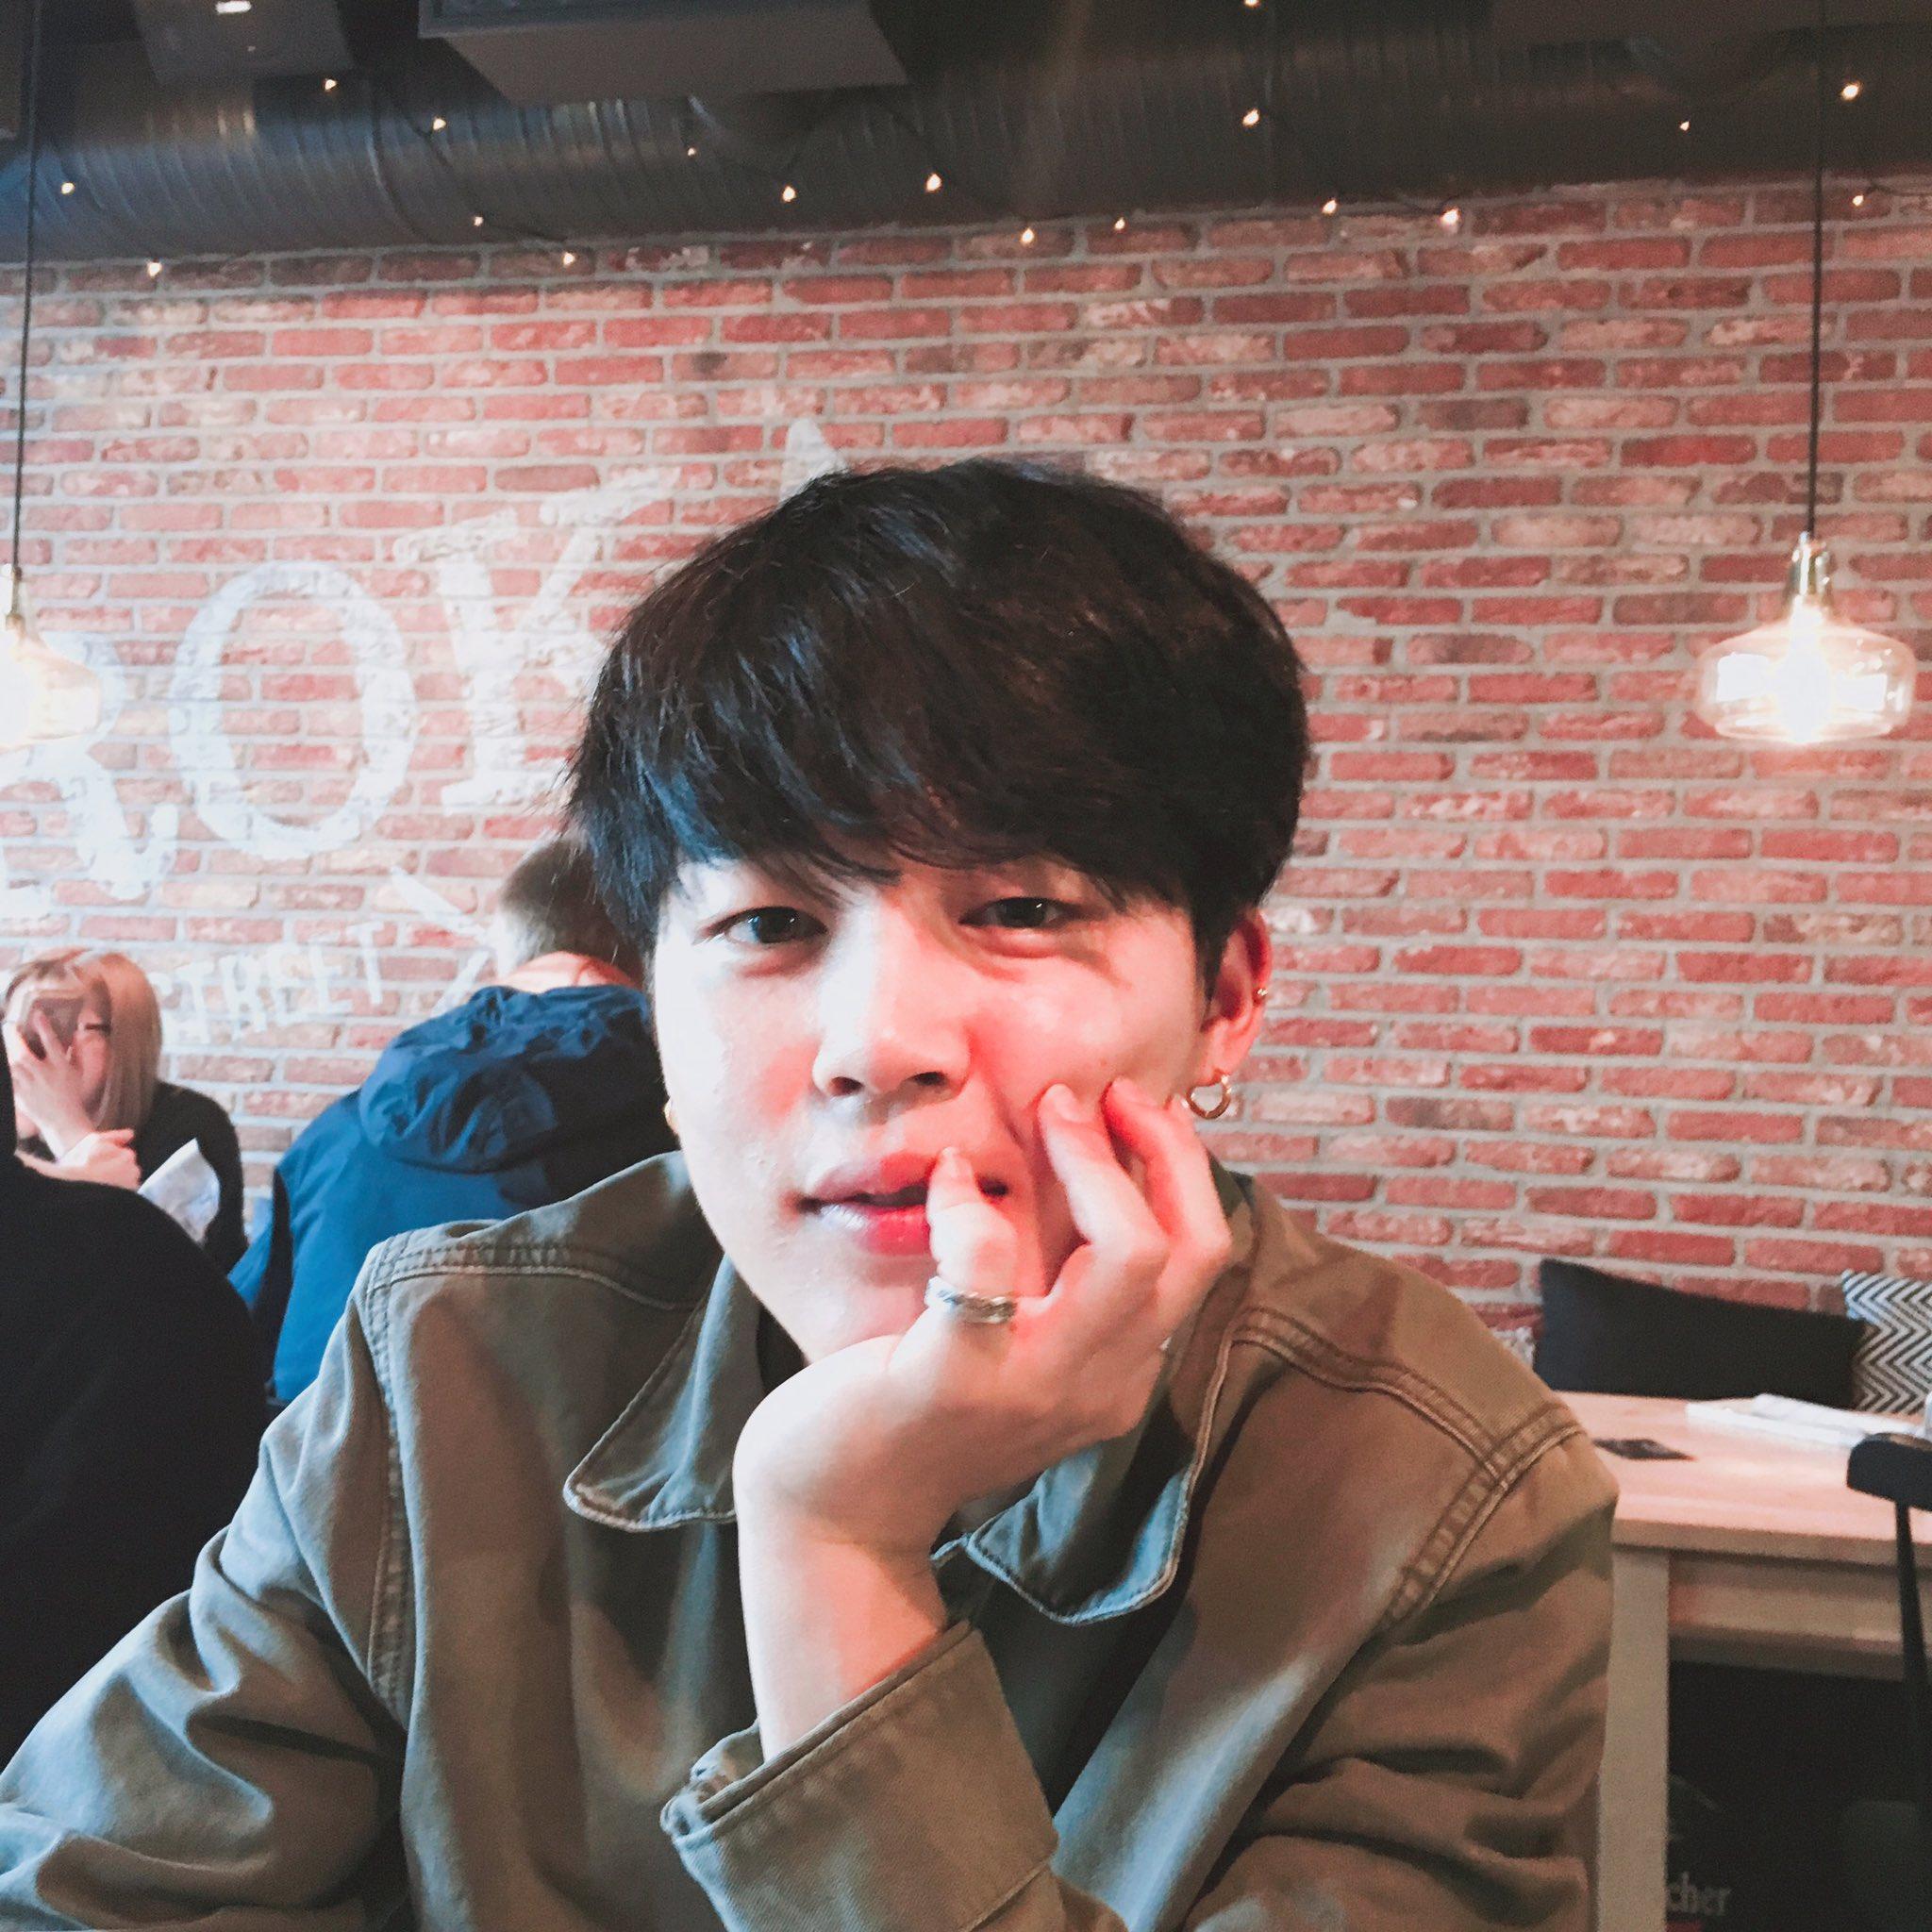 Mv Kiss And Makeup: [TWITTER/TRANS] BTS Twitter [160526]